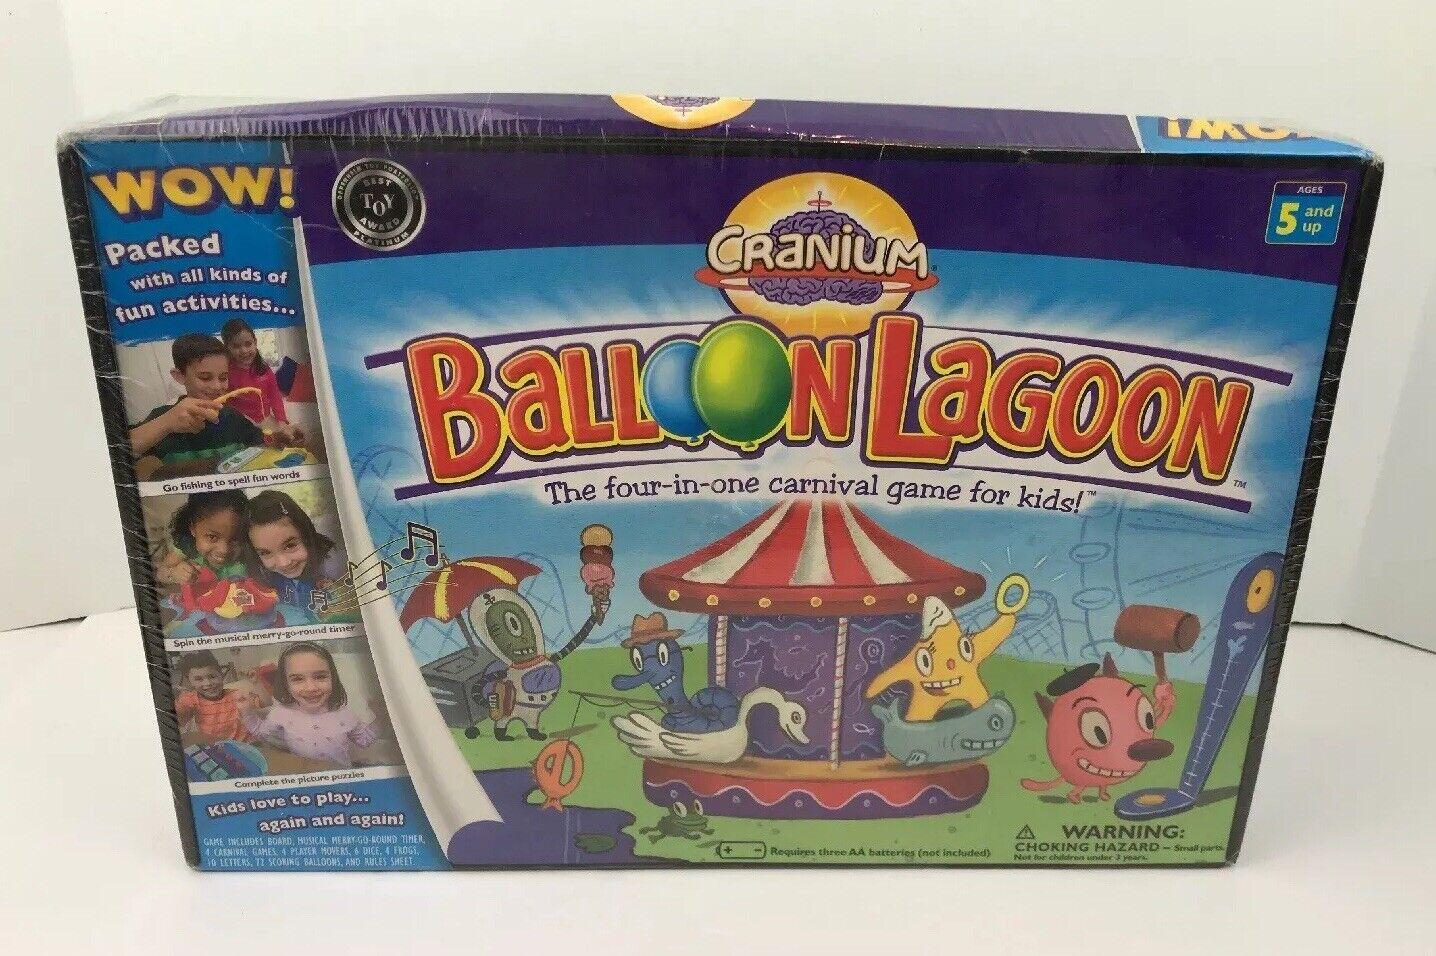 Cranium Btuttioon Lagoon gioco nuovo 4 In 1 autonival gioco  For bambini  per il commercio all'ingrosso